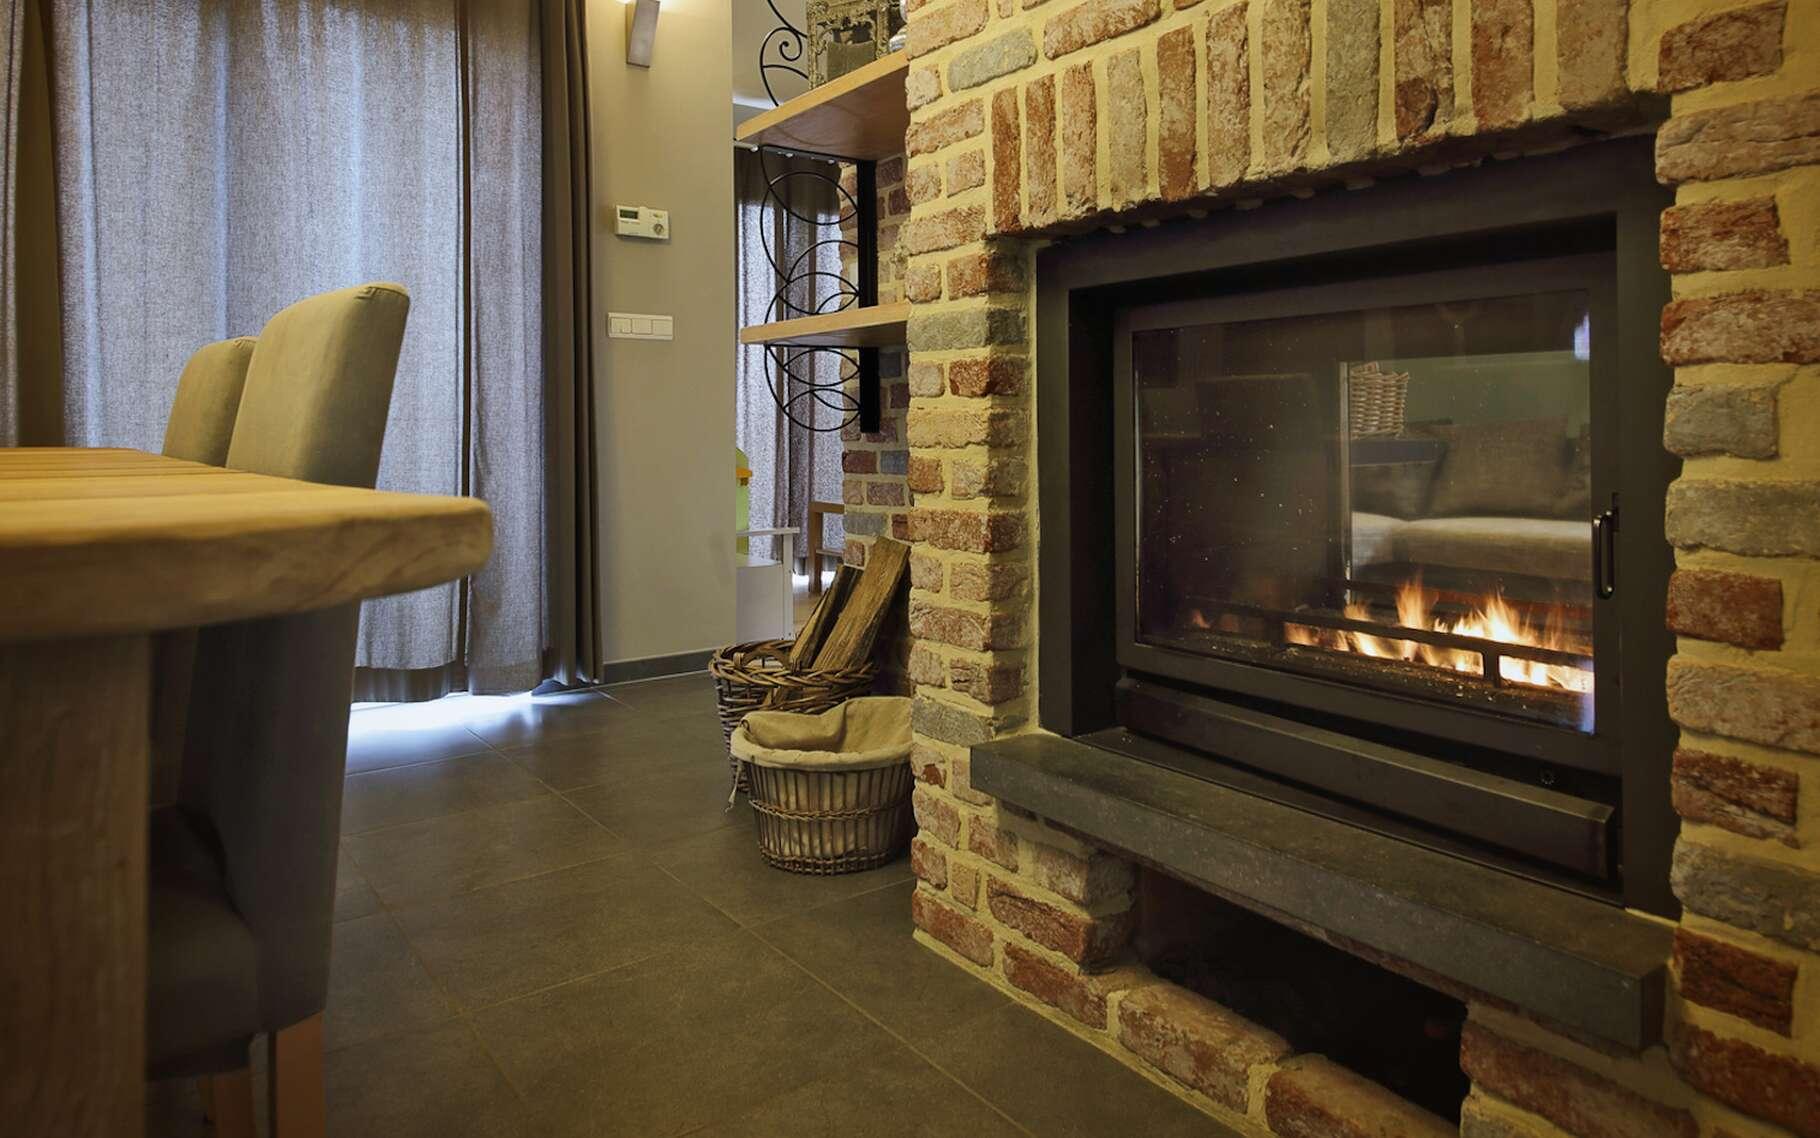 Un insert à gaz naturel, c'est presque aussi authentique qu'un feu de cheminée et, à l'usage, c'est certainement moins contraignant. © mariesacha, Fotolia